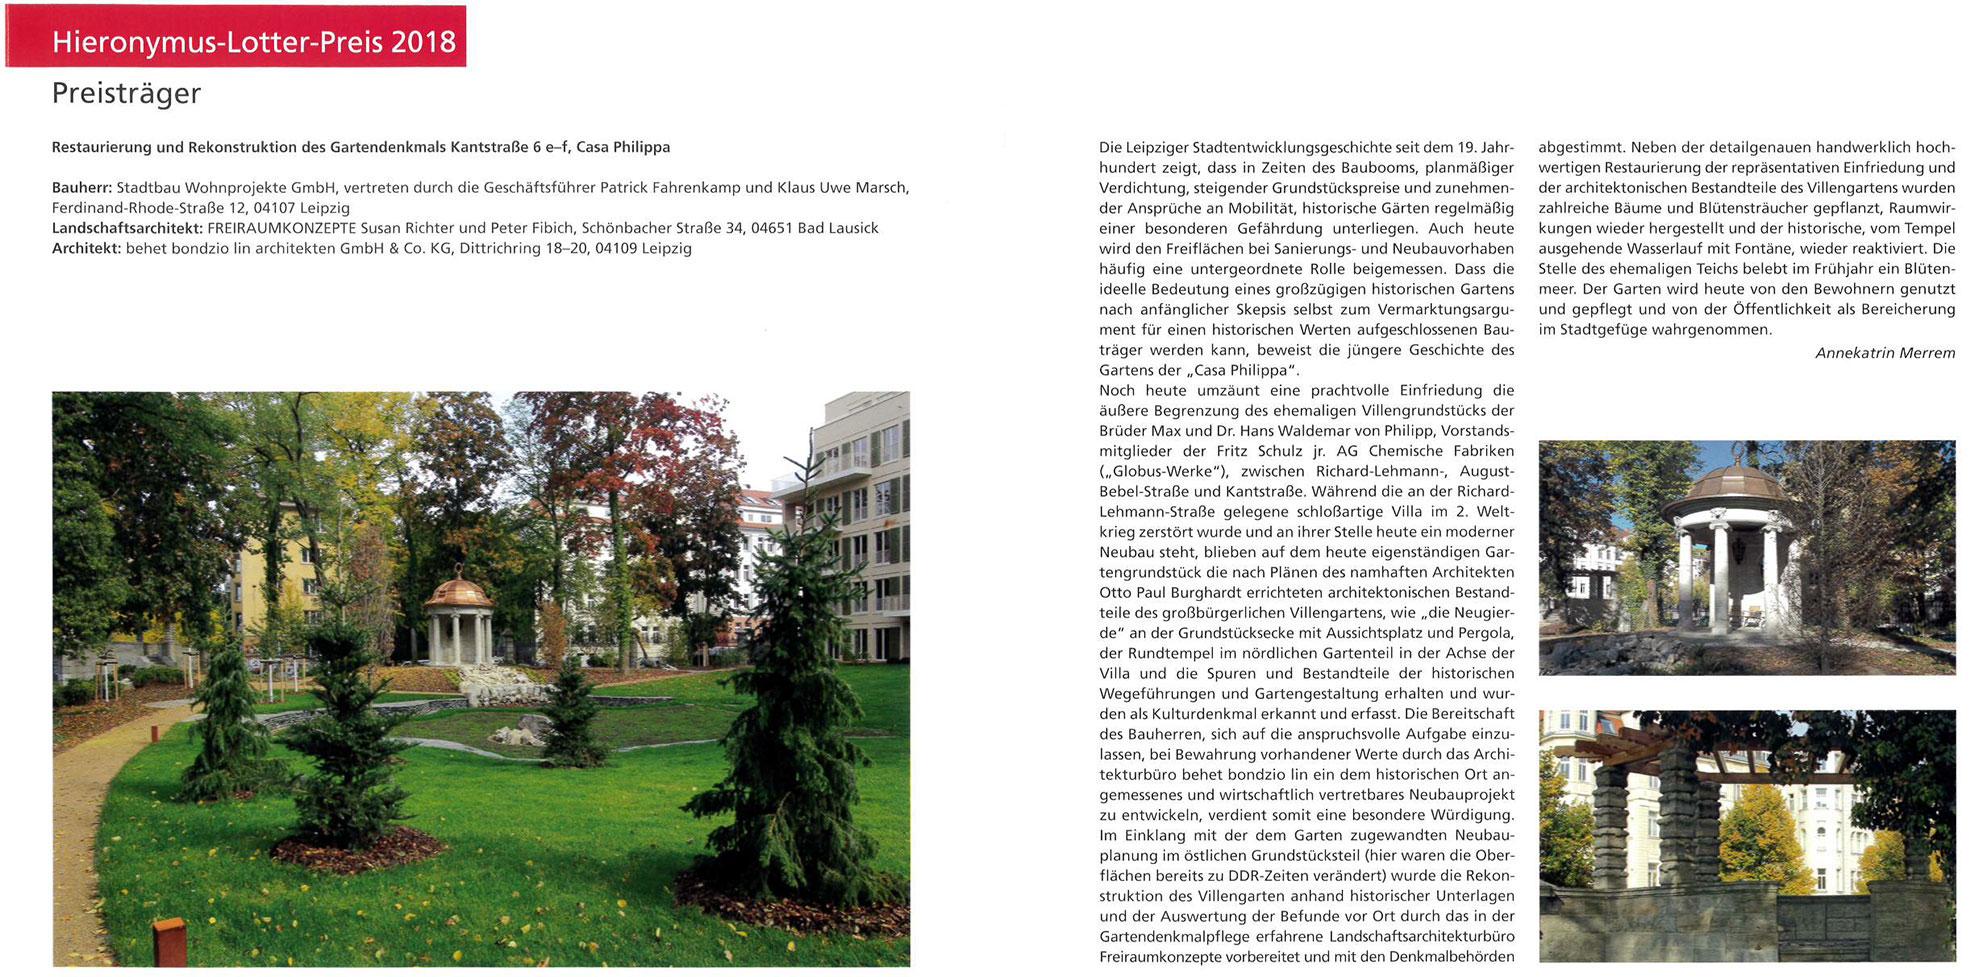 01-hieronymus-lotter-preis-behet-bondzio-lin-architekten.jpg